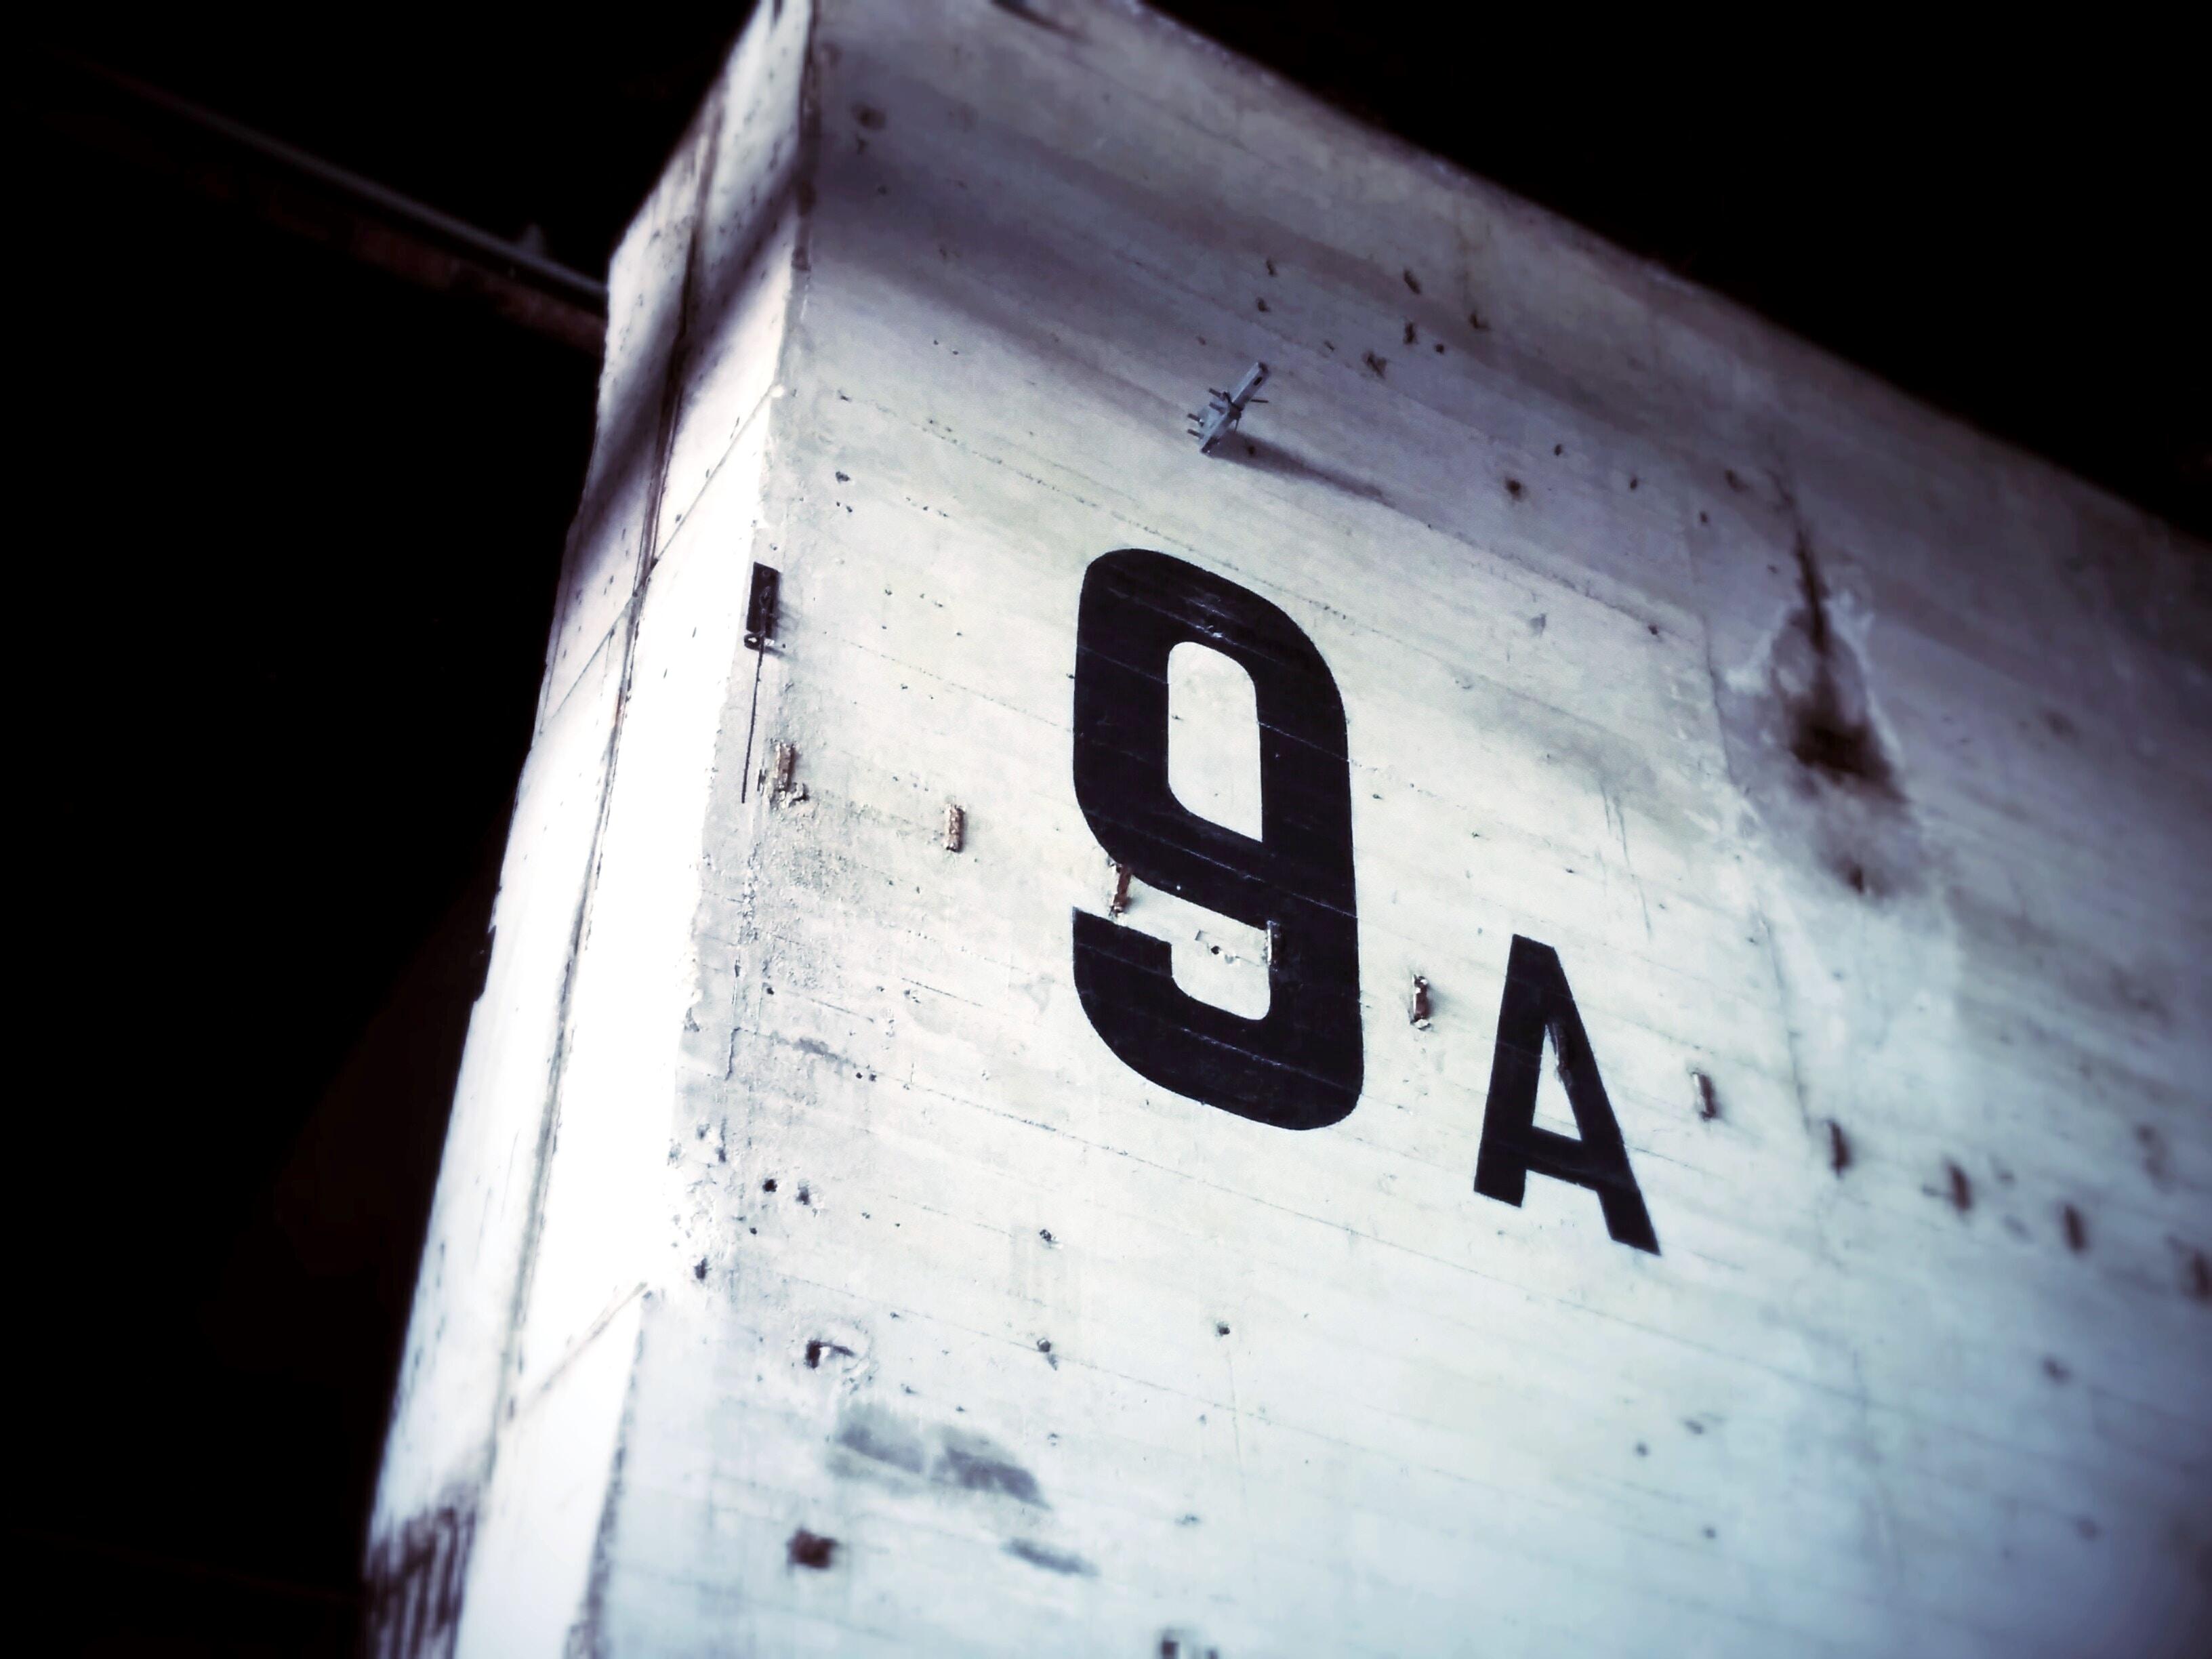 53673 Hintergrundbild herunterladen Symbole, Zeichen, Die Wörter, Wörter, Wand, Inschrift, Zimmer, Anzahl - Bildschirmschoner und Bilder kostenlos